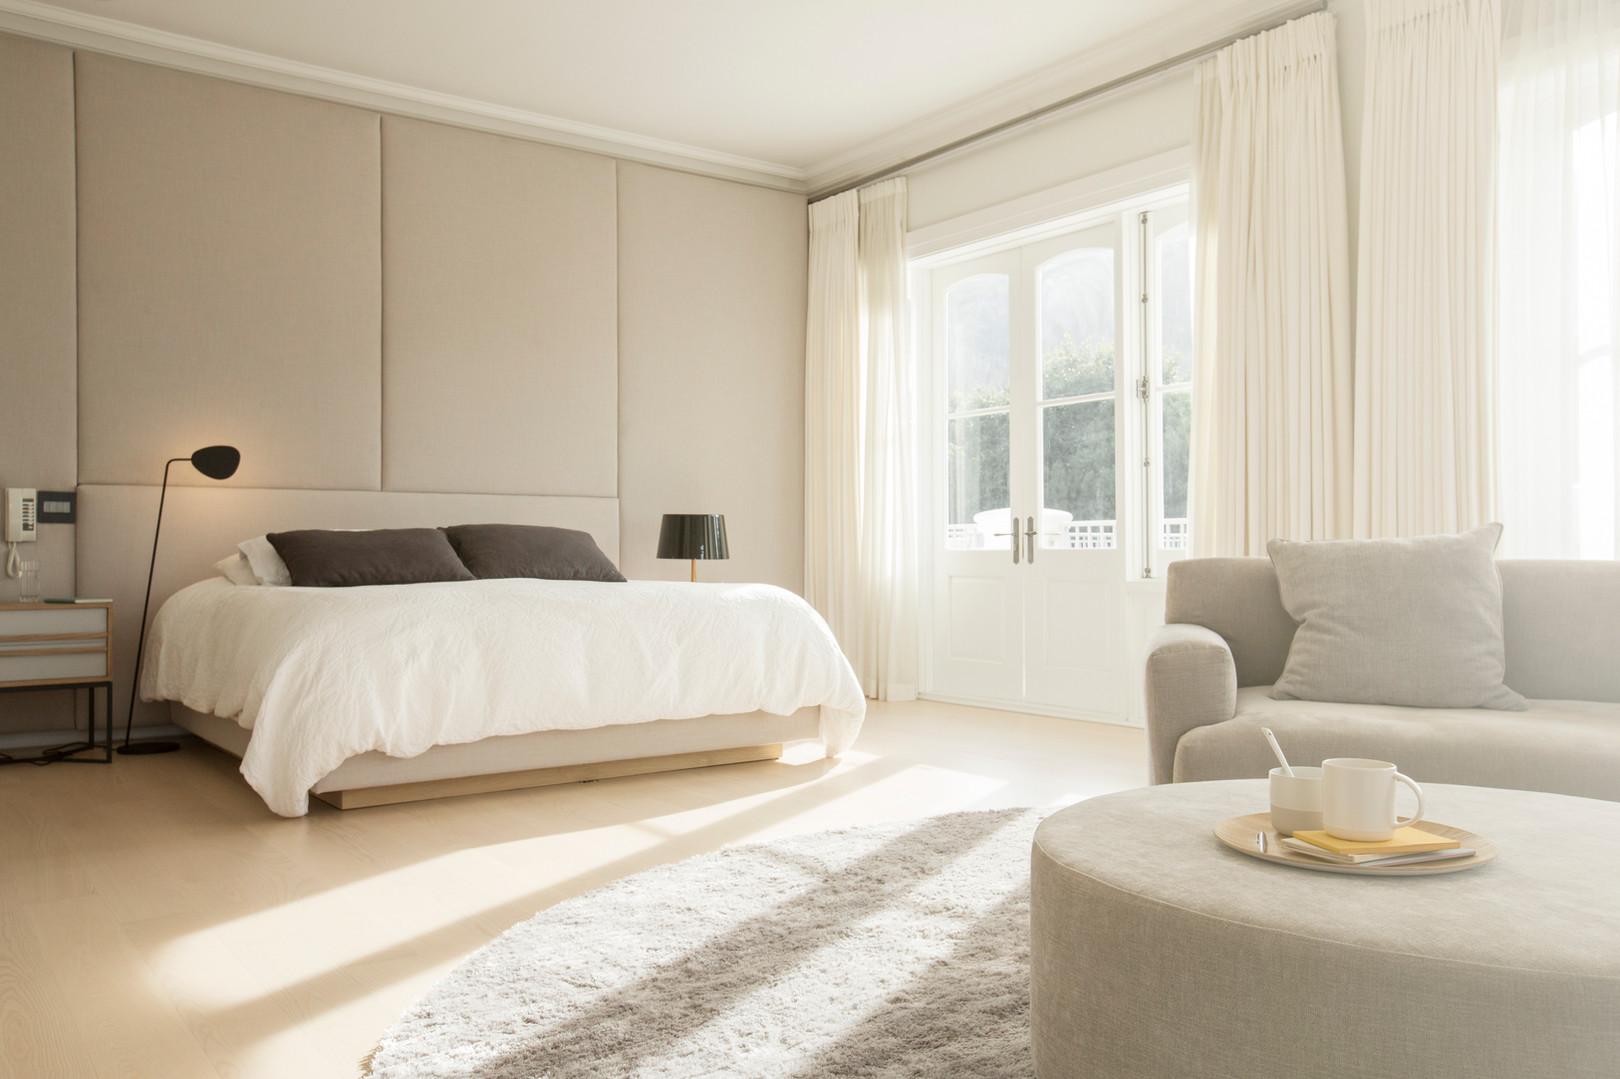 ▷ Reformas Madrid   Reformas en Madrid   Reformas Integrales Madrid   Reforma Integral en Madrid 🥇 Dormitorio soleado